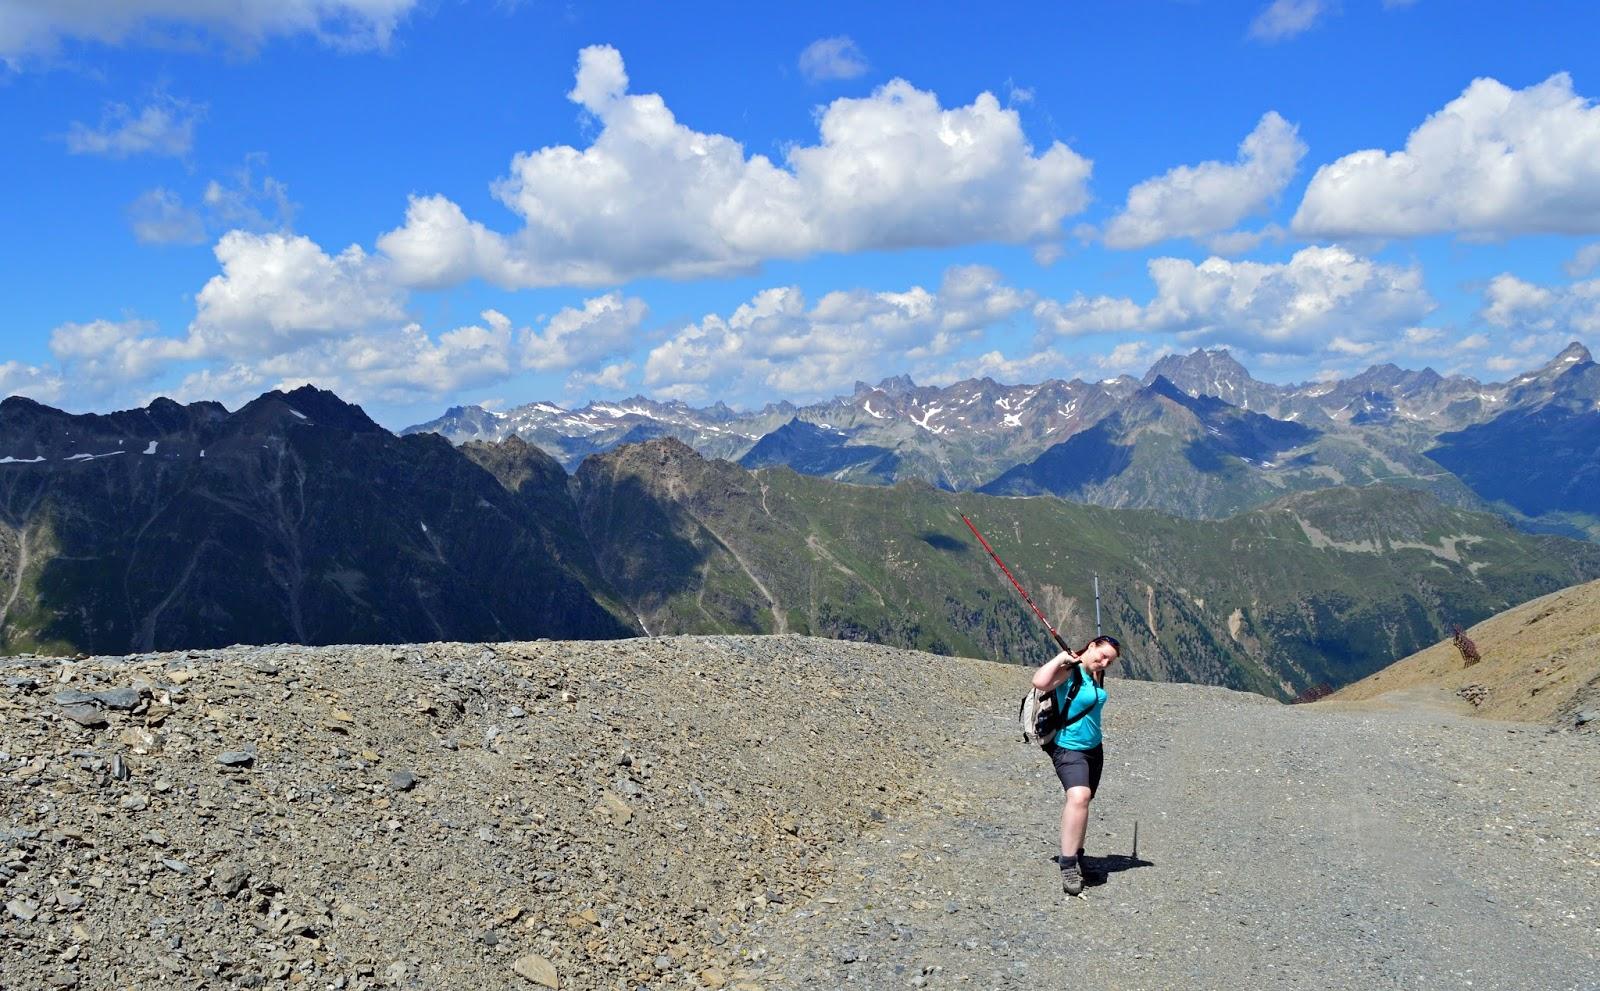 Alpy Jak przygotować się na trekking